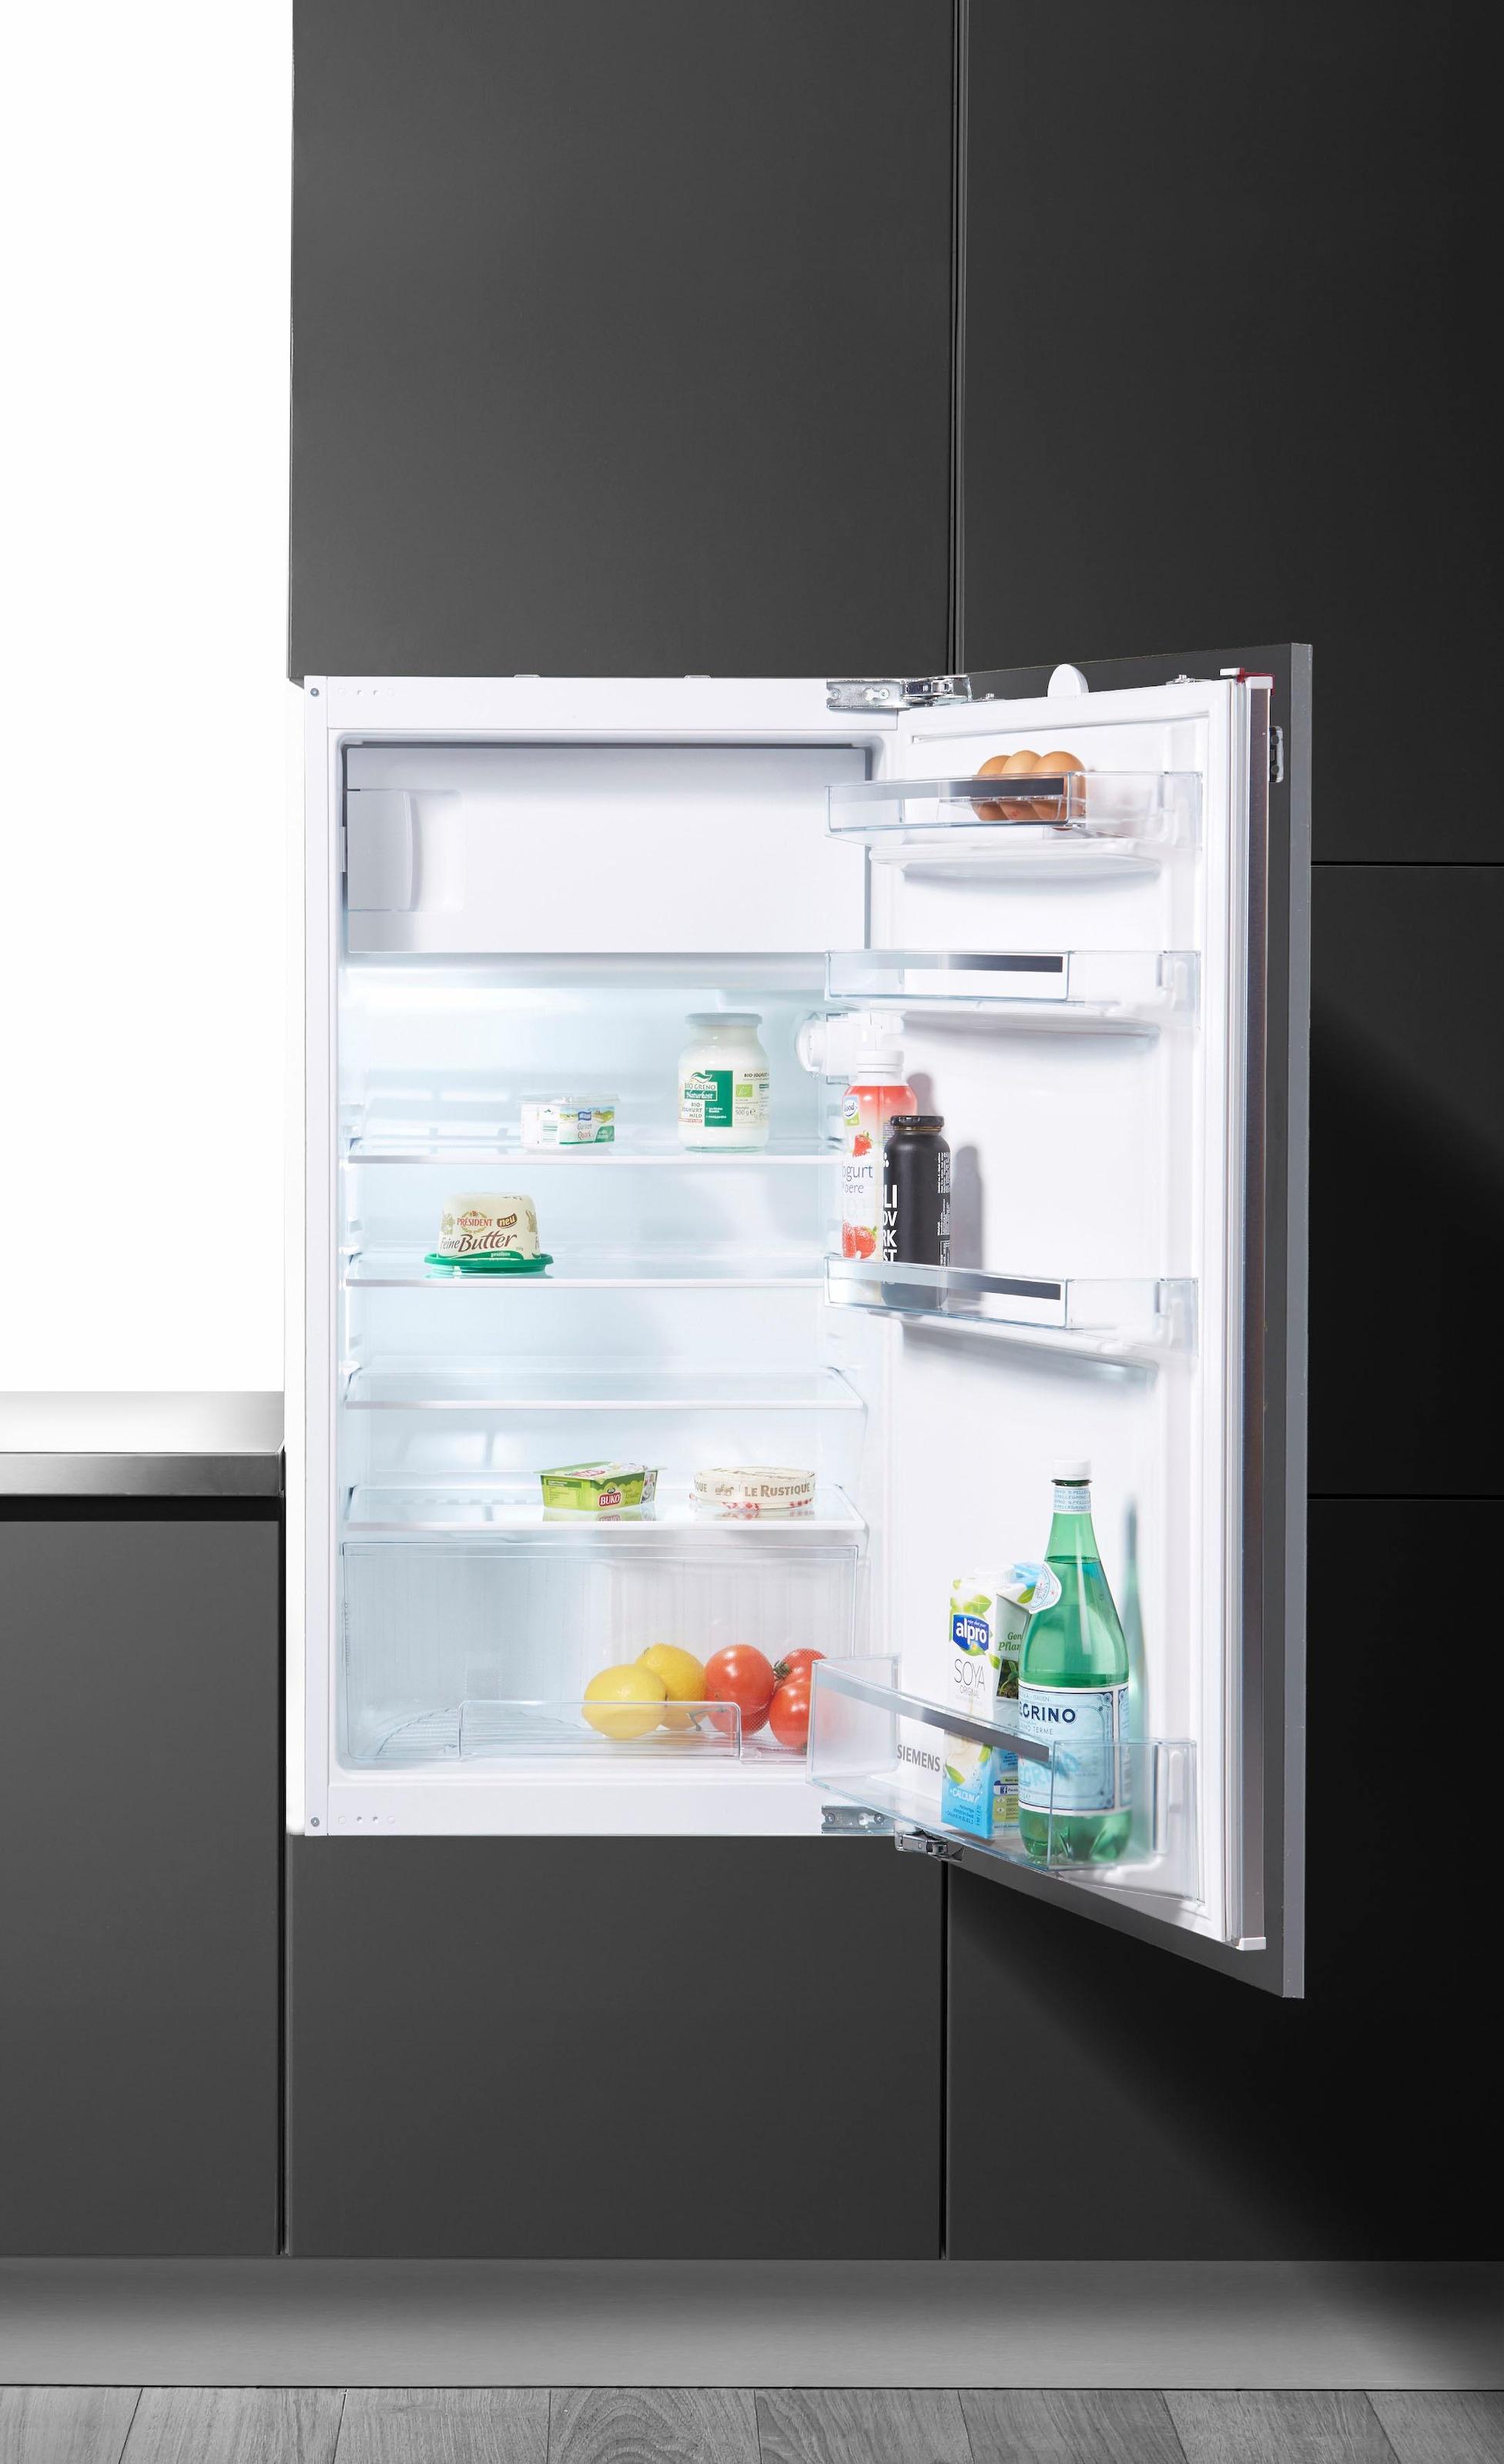 Siemens Kühlschrank Einbau : Siemens einbau kühlschrank ki lv cm hoch auf rechnung baur